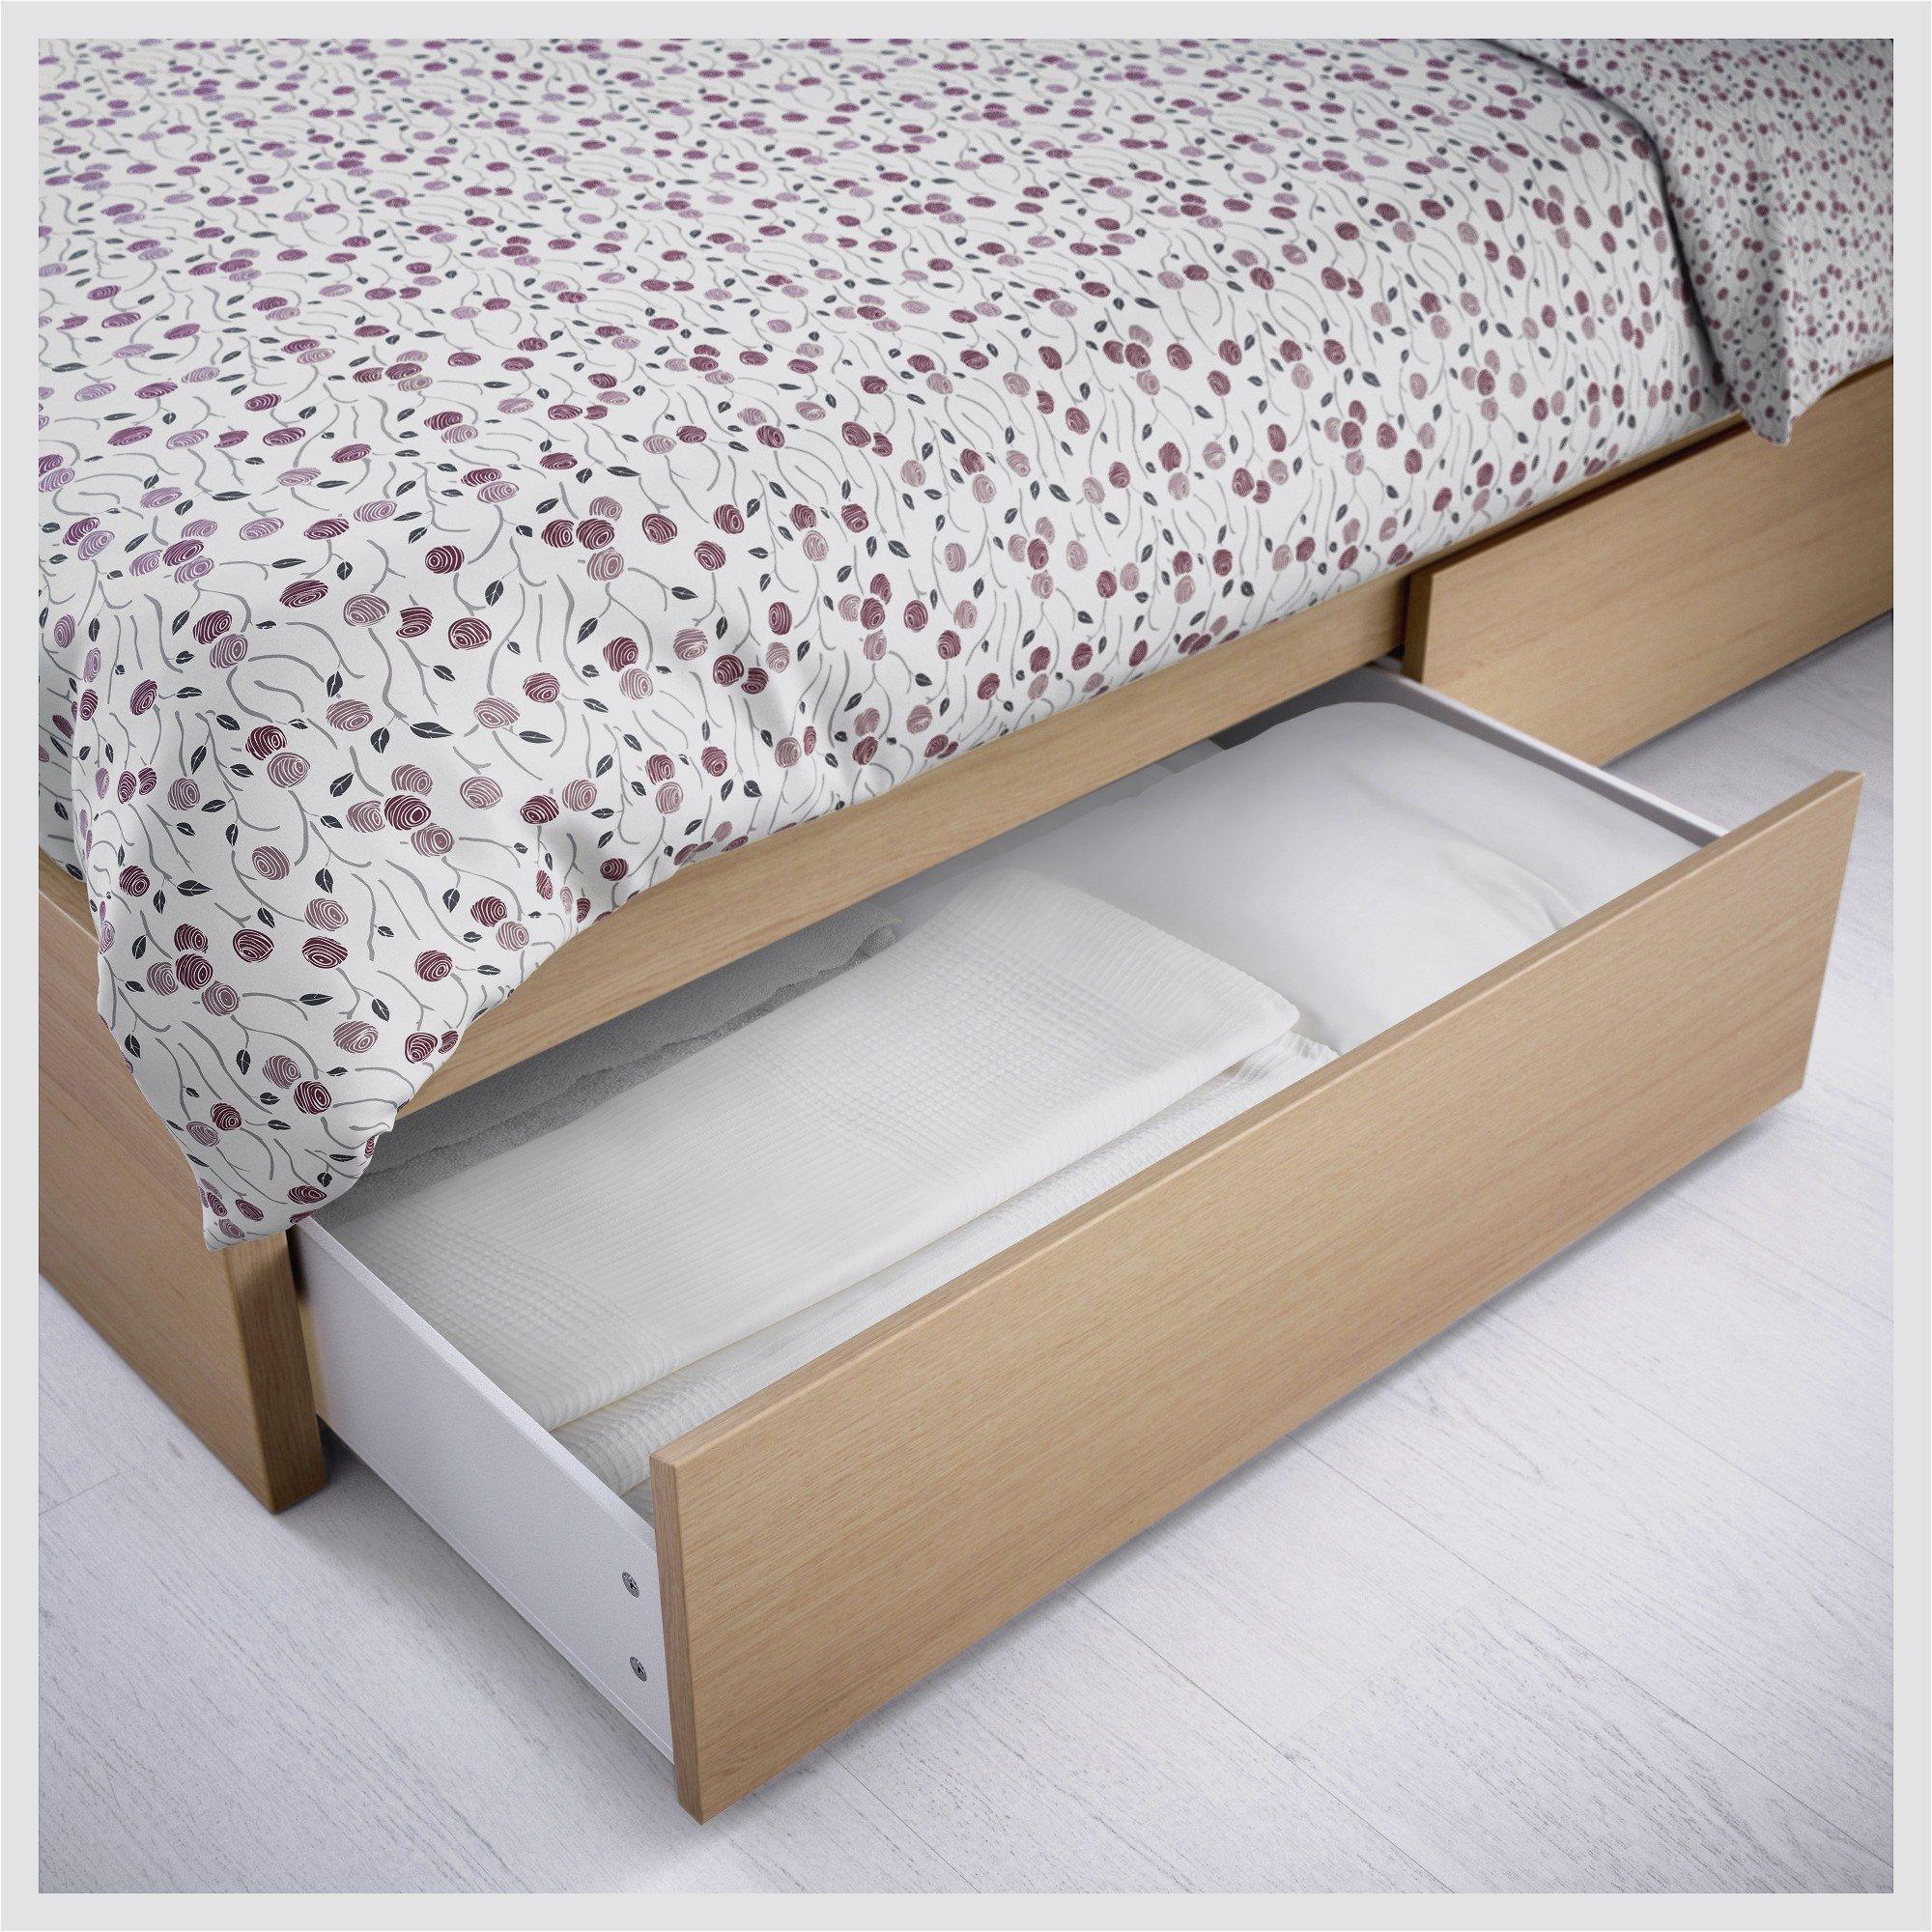 Lit Coffre Malm Impressionnant Bout De Lit Coffre Ikea